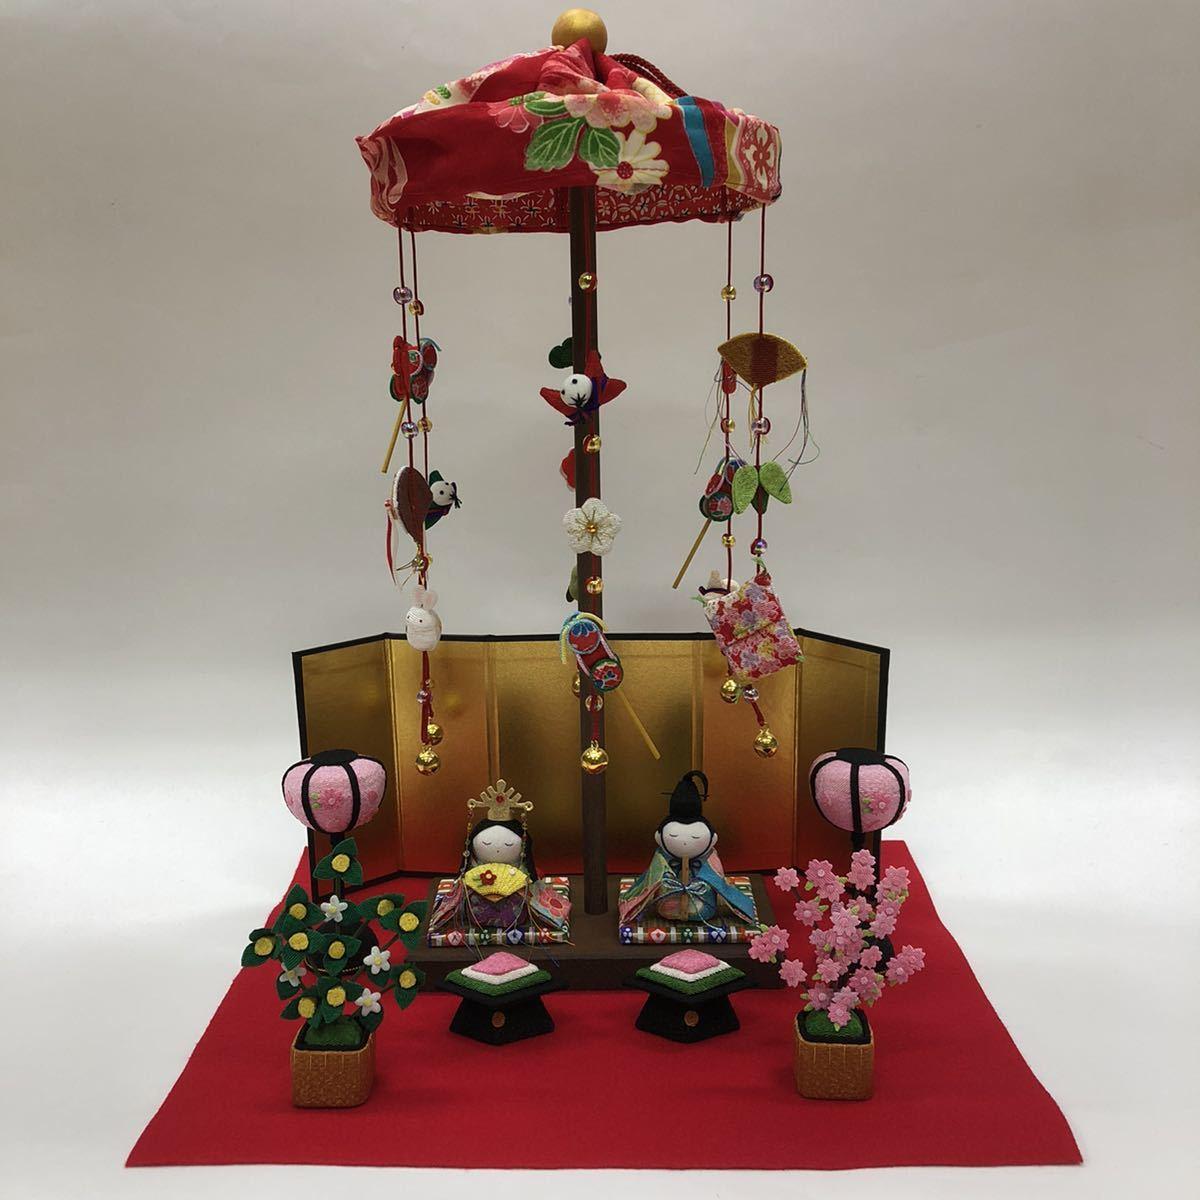 ★ひな人形★ ちりめん 雛人形 縮緬細工 雛祭り ひな祭り ひなまつり コンパクト 龍虎堂 リュウコドウ h 季節、年中行事&ひな祭り&ひな人形